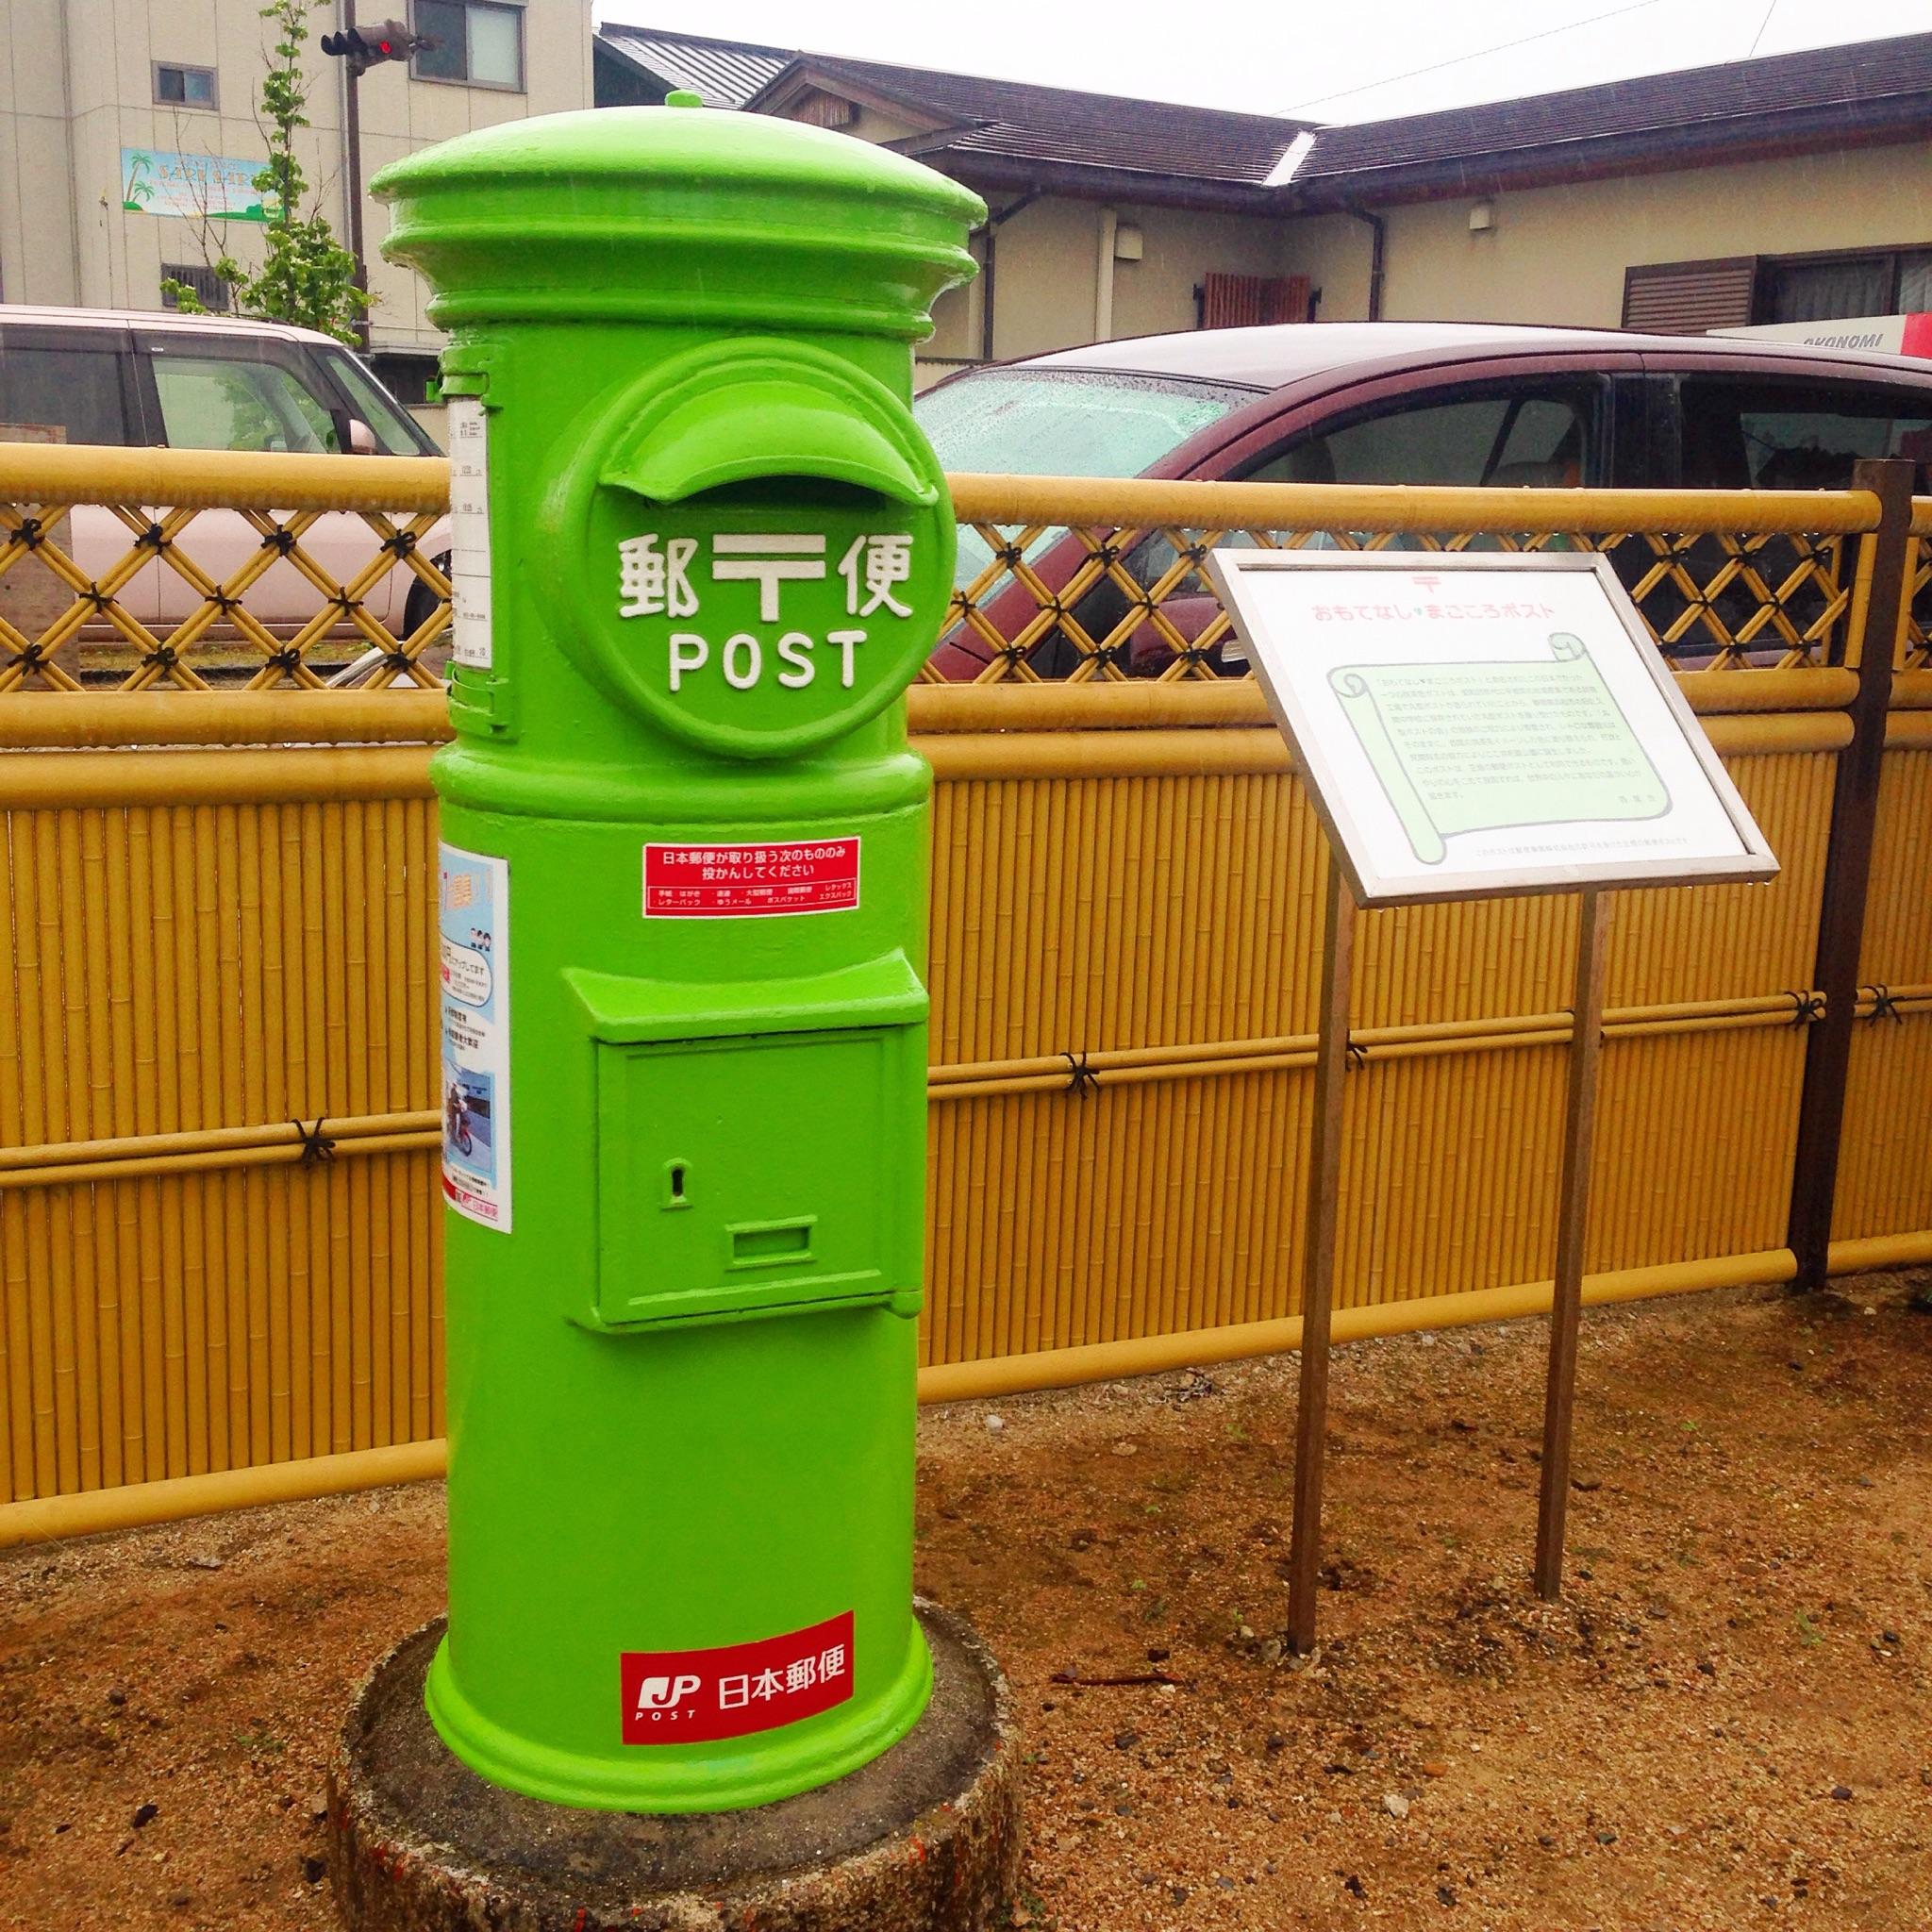 【西尾旅】日本で唯一の緑色ポスト&市場のお寿司&抹茶体験